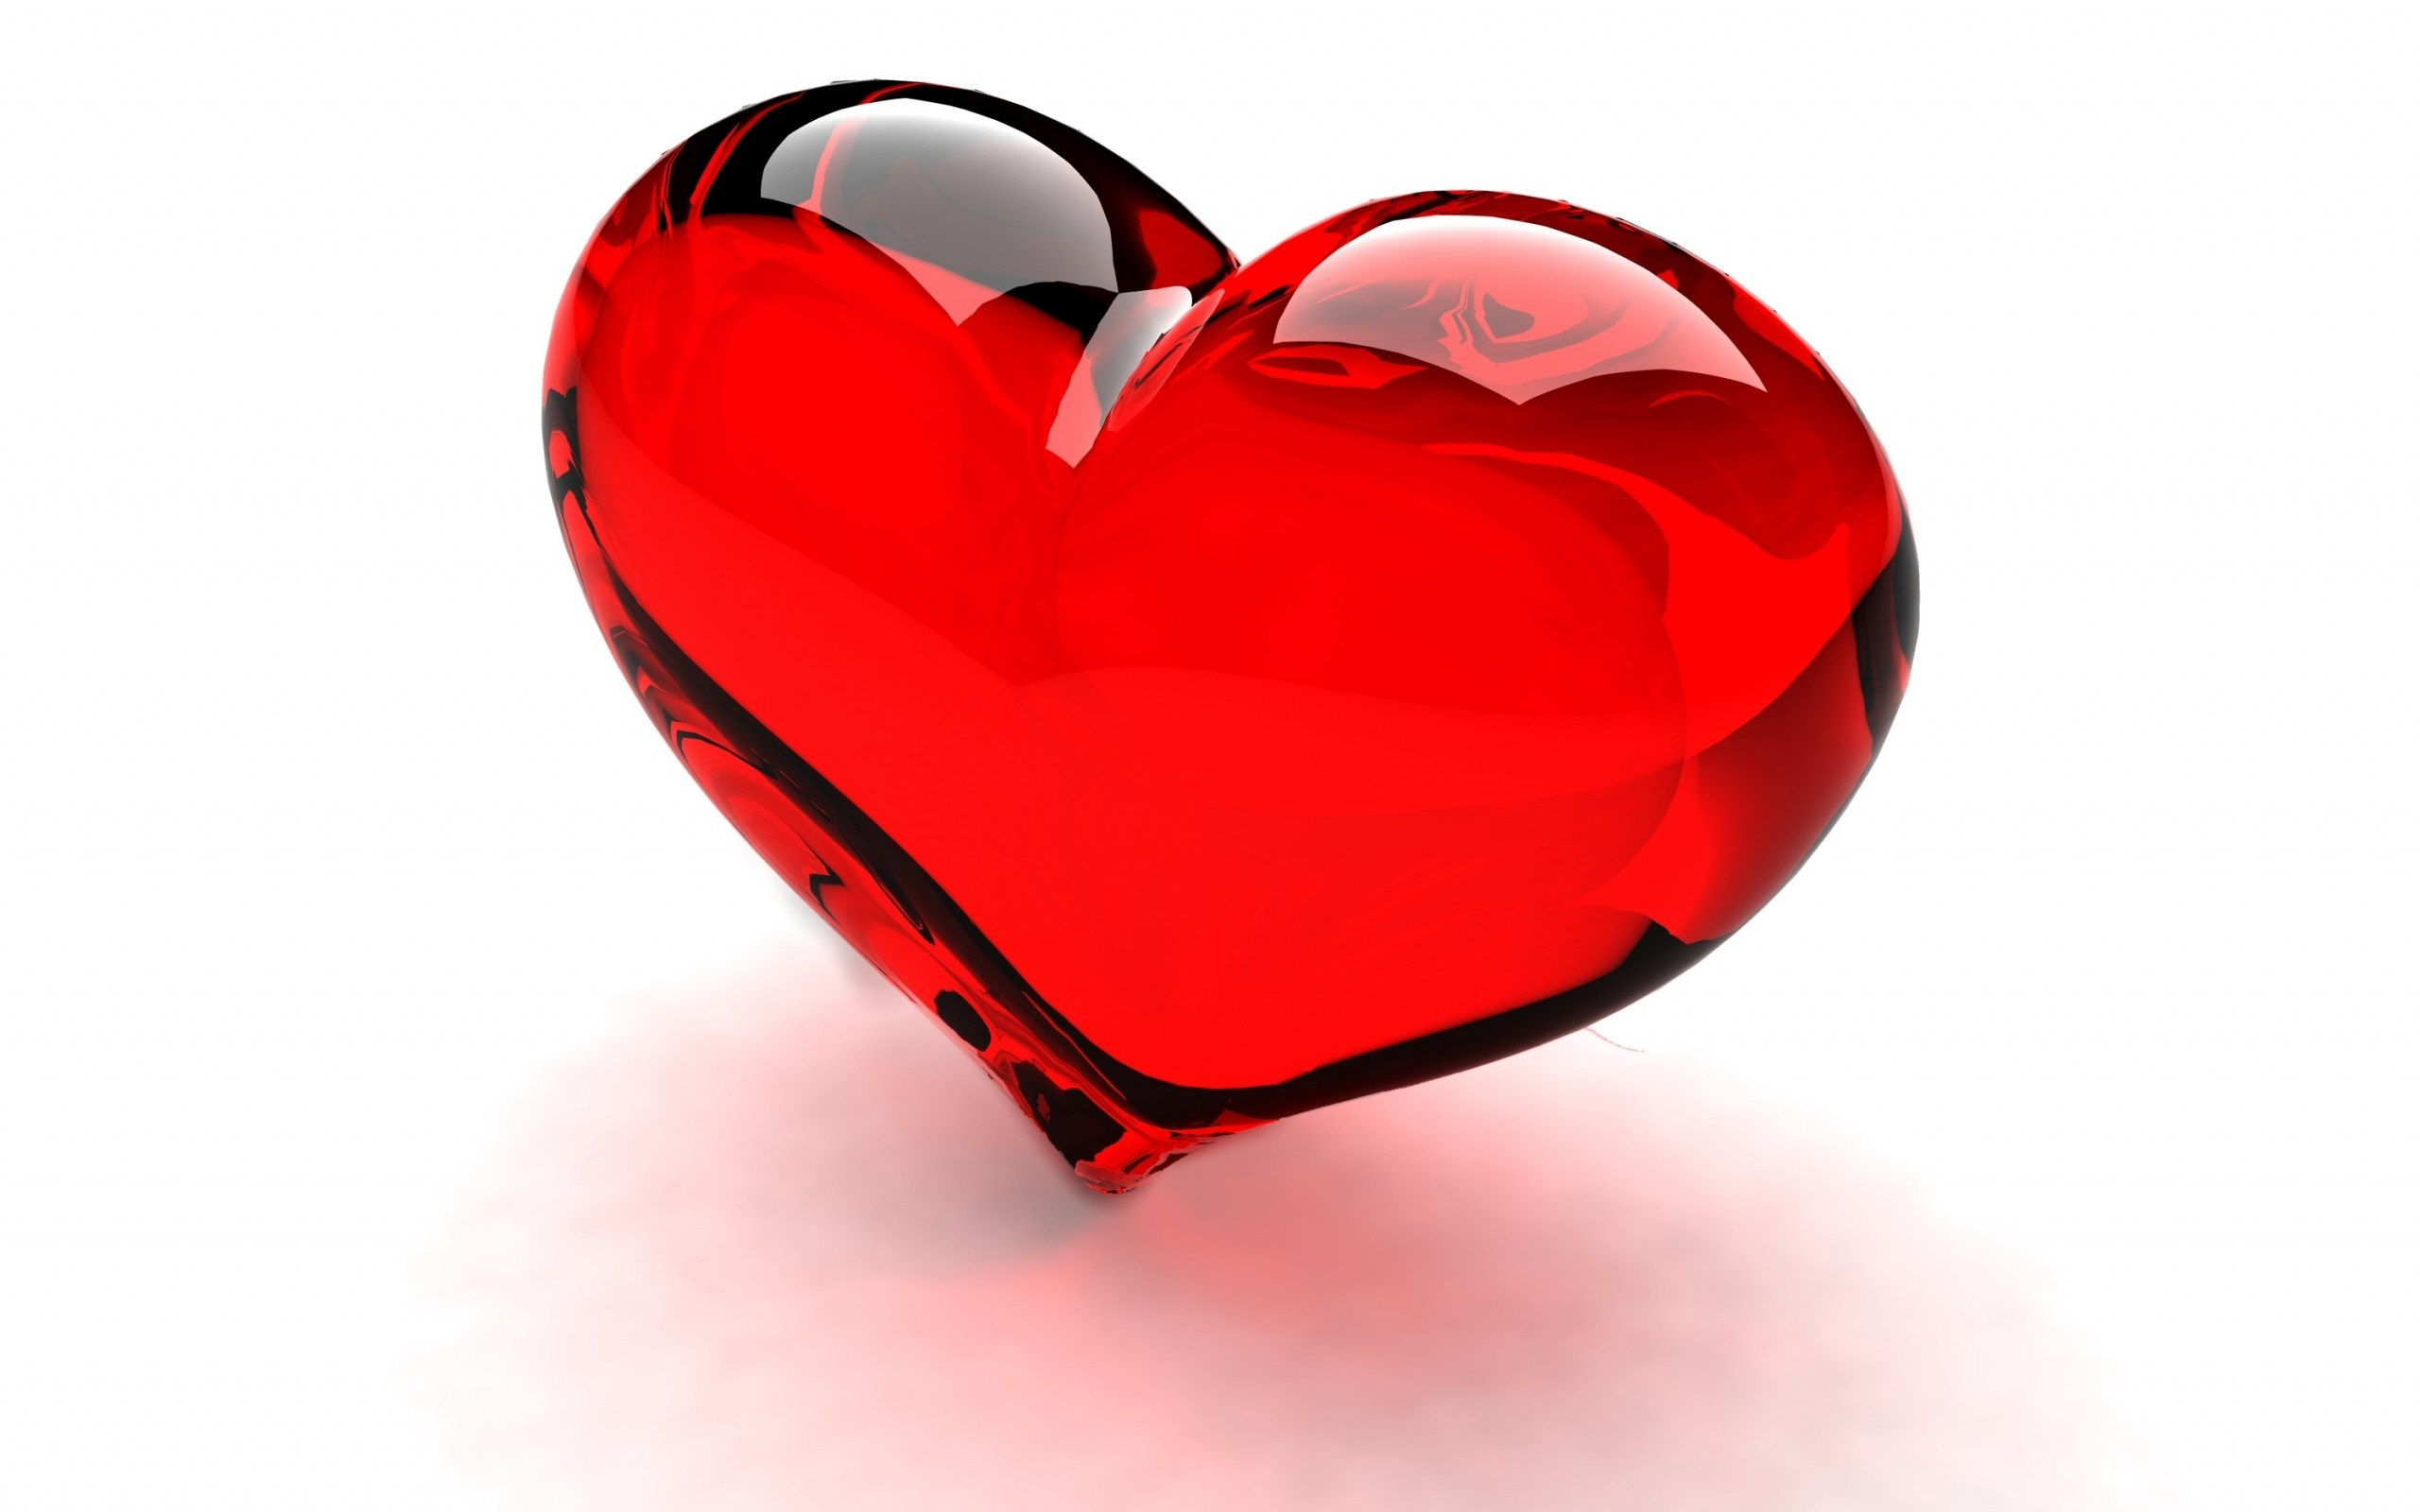 Hearth Love Wallpaper 036